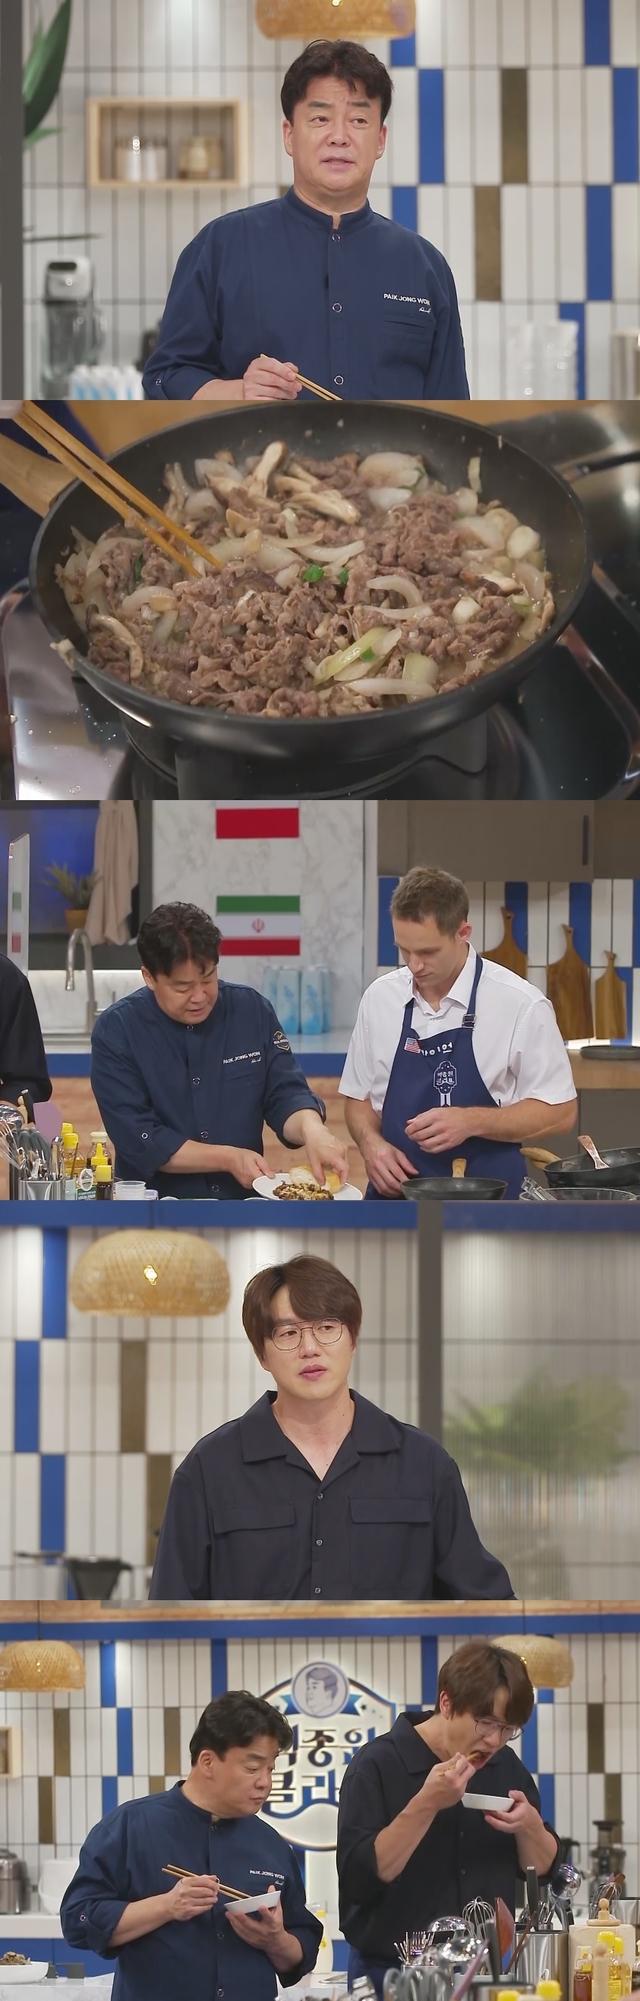 월요일(26일) 방송될 KBS 2TV 예능 프로그램 '백종원 클라쓰'에선 백종원과 외국인 출연진이 불고기를 만든다. /사진=KBS 2TV